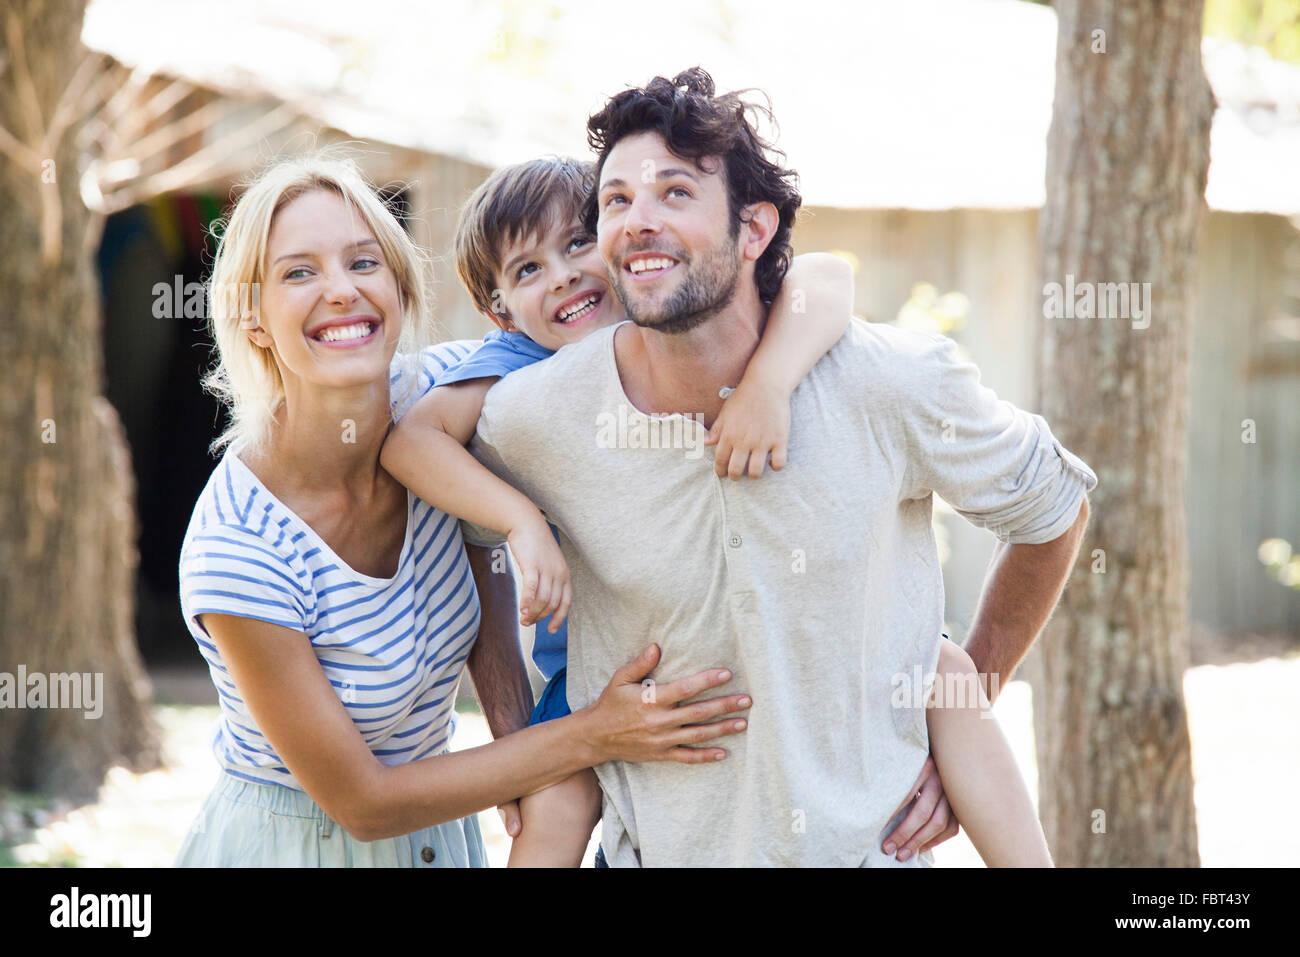 Famille d'un enfant, portrait Photo Stock